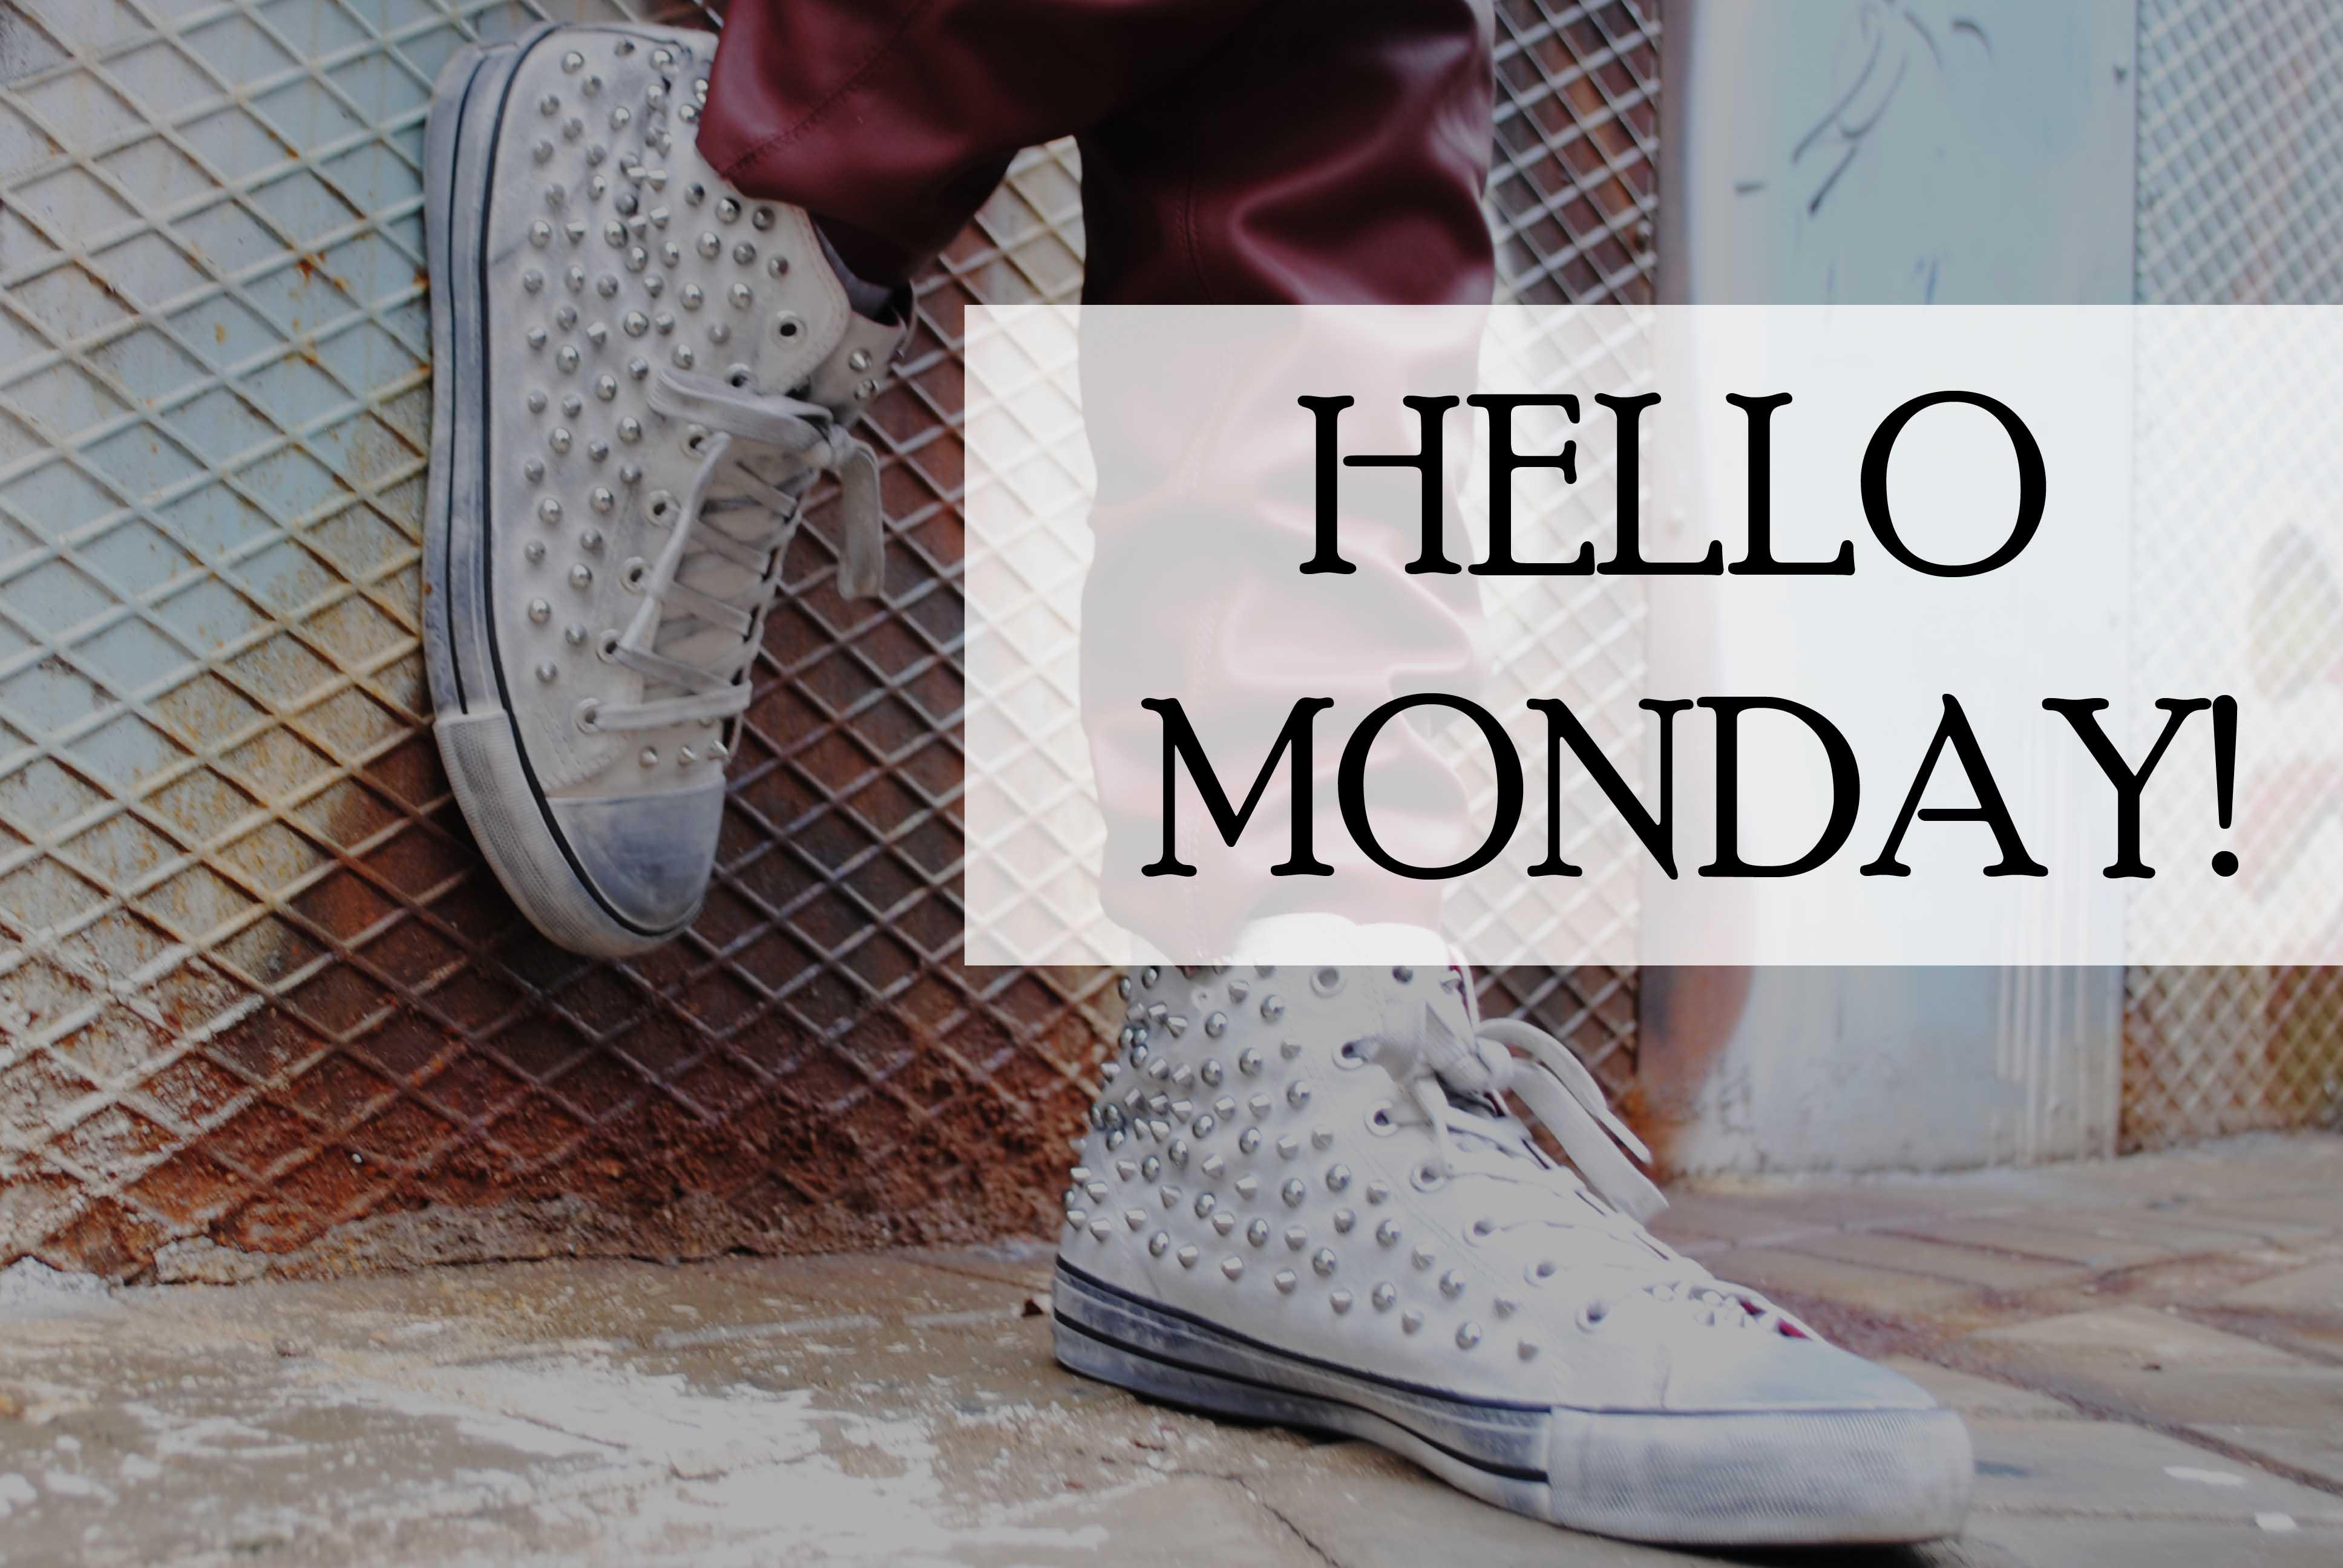 HELLO MONDAY!-50378-olindastyle